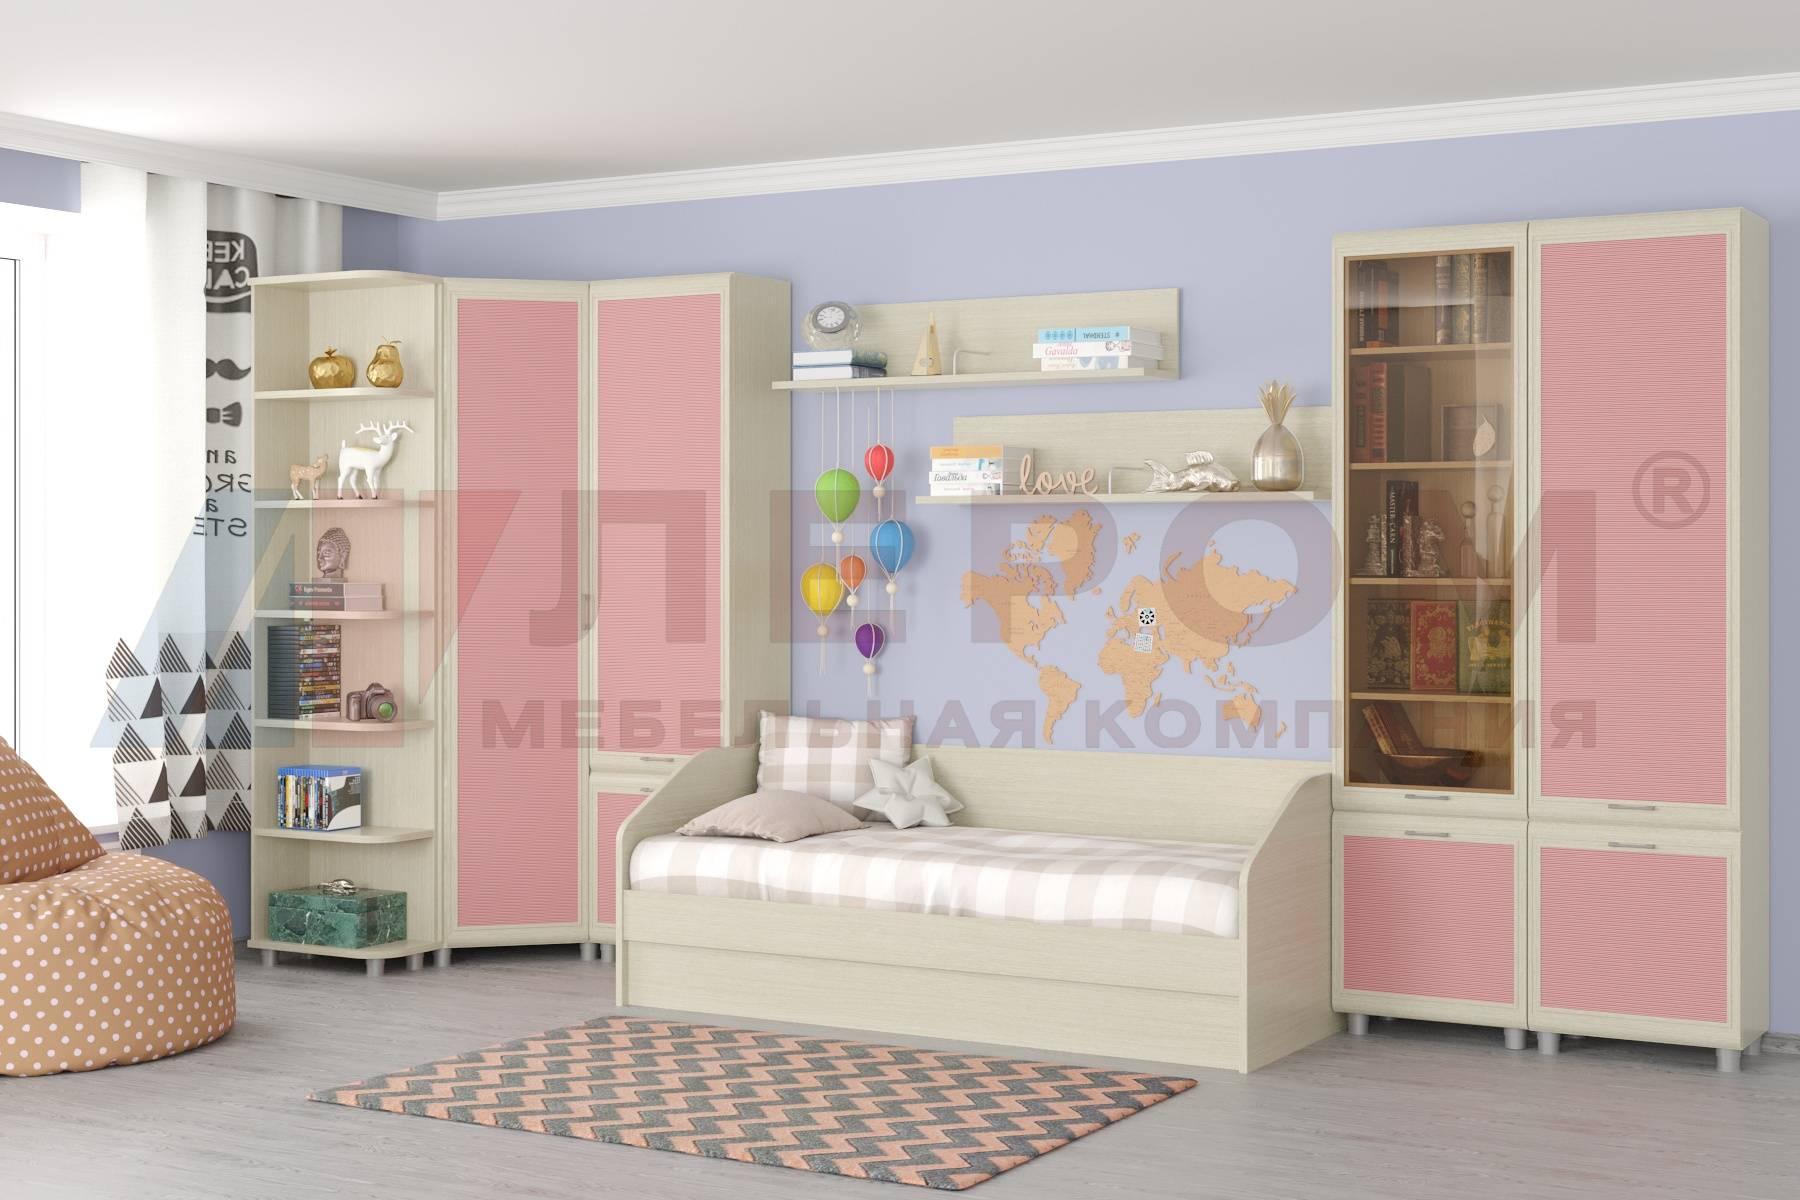 Угловой шкаф в детскую для девочки и мальчика: мебель для одежды и игрушек